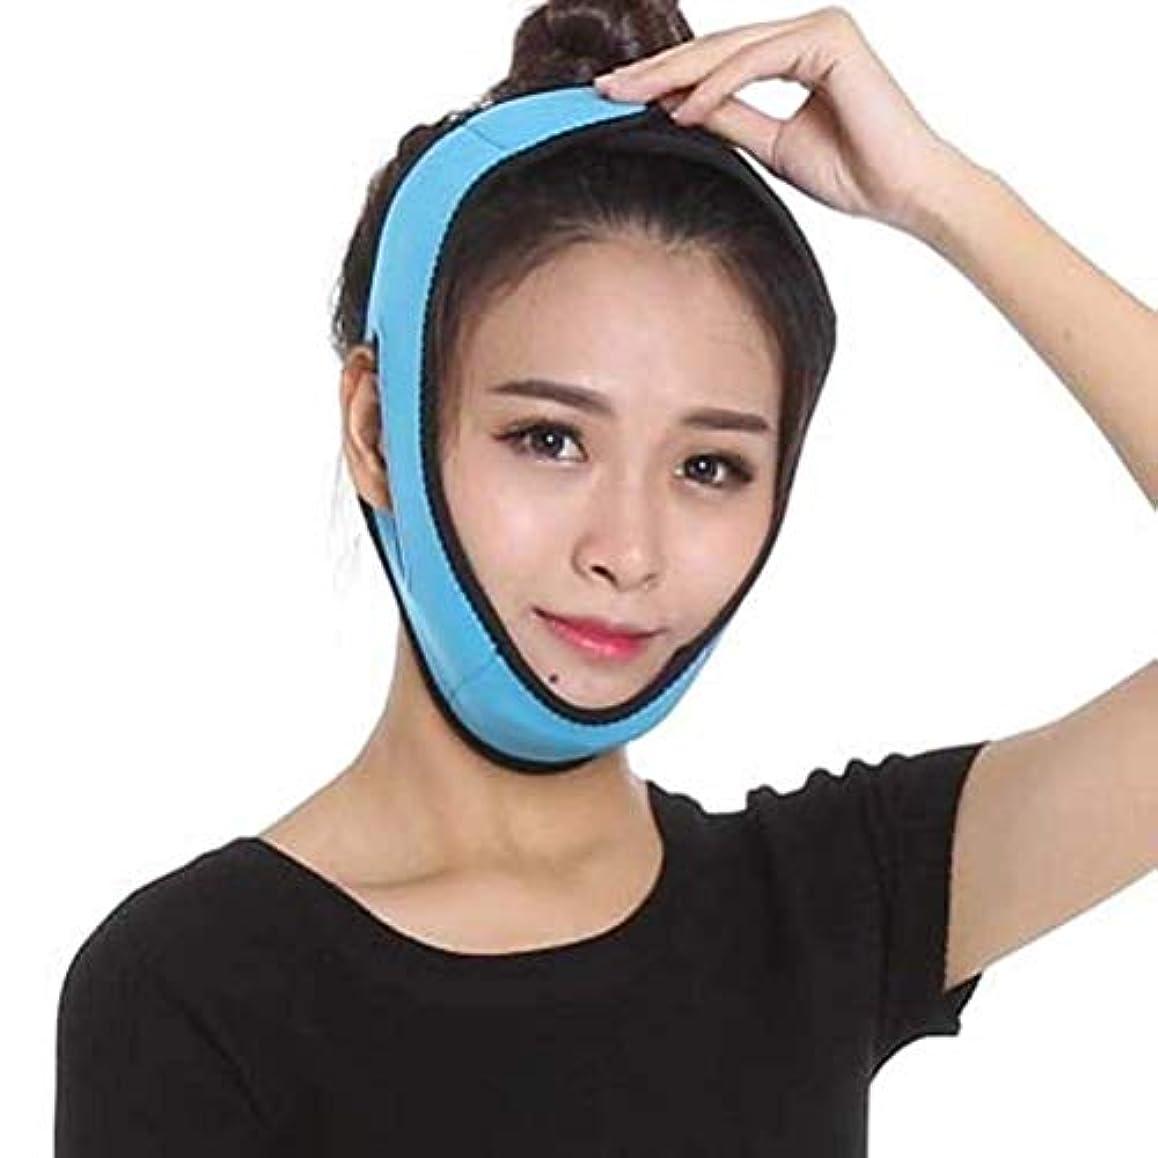 醜いトーストボイコットHUYYA フェイスリフティング包帯、ダブルチンヘルスケア V字ベルト補正ベルトスキンケアチンは、リフティングファーミングストラップフェイスマスク,Blue_Medium